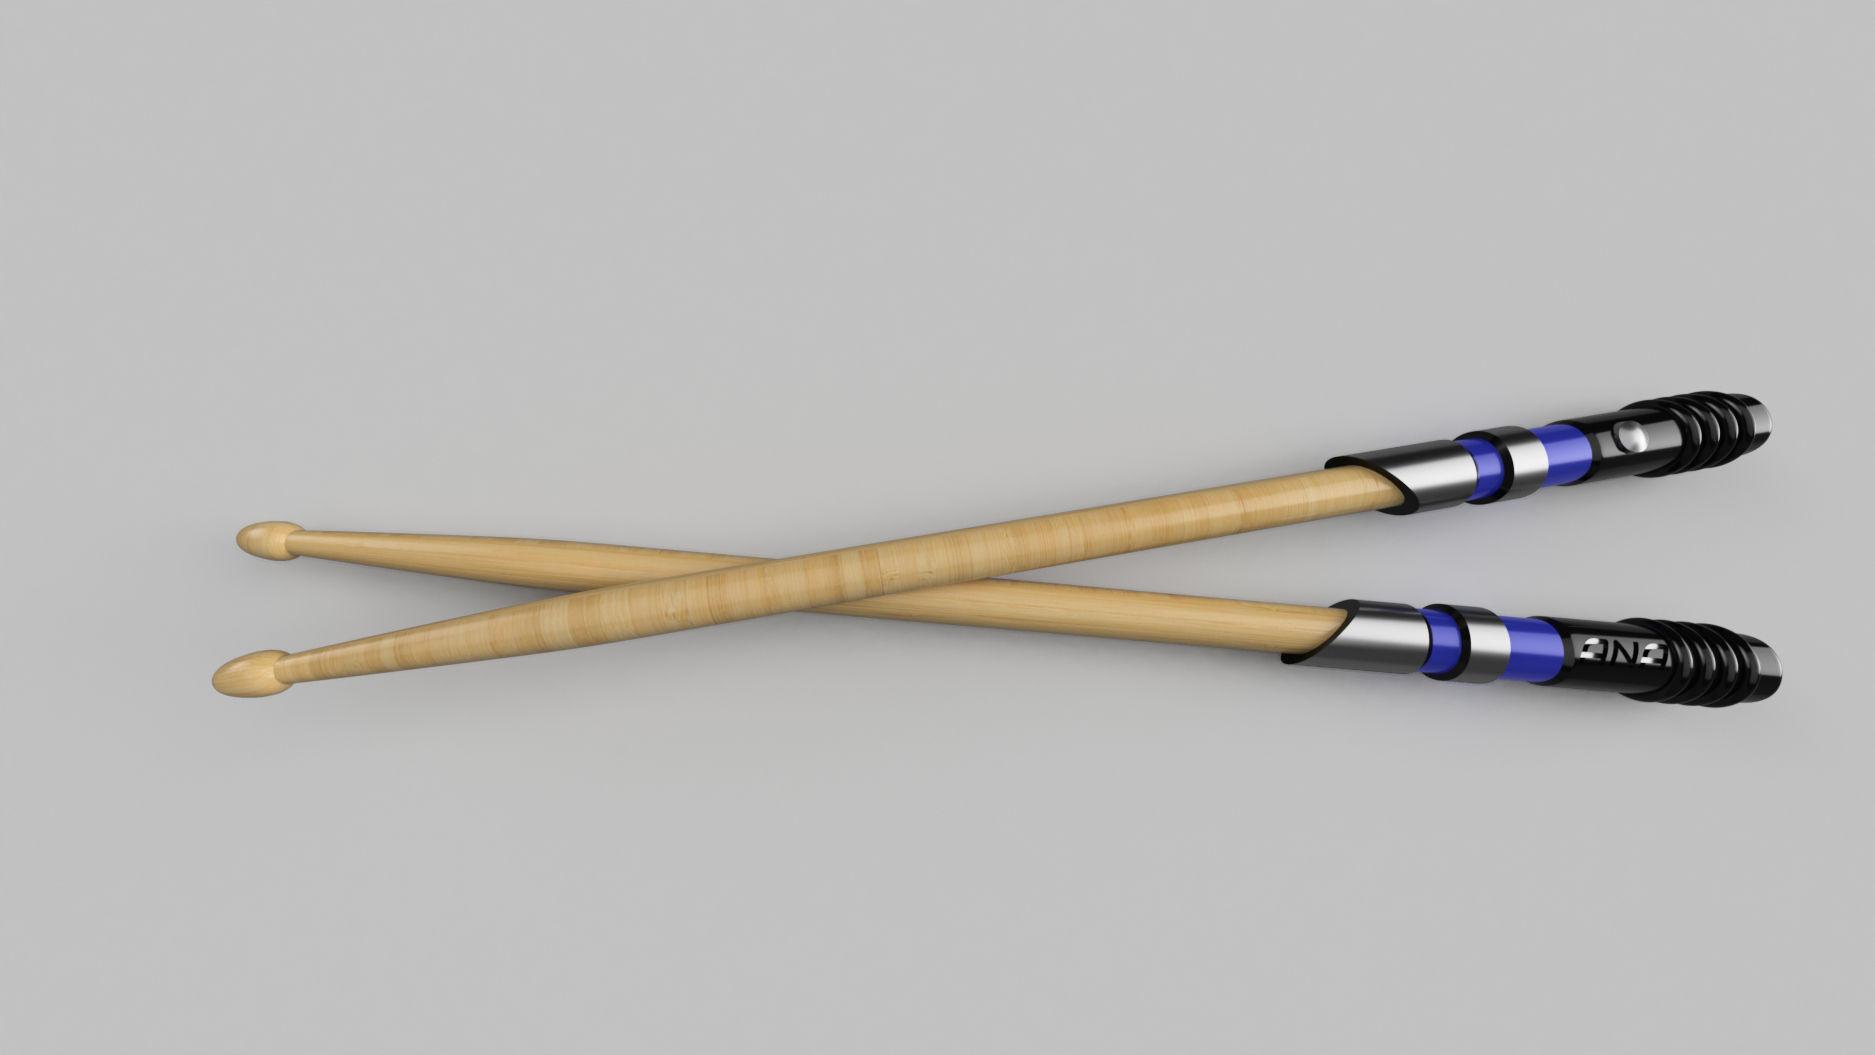 Lightsaber Drumsticksautodesk Online Gallery